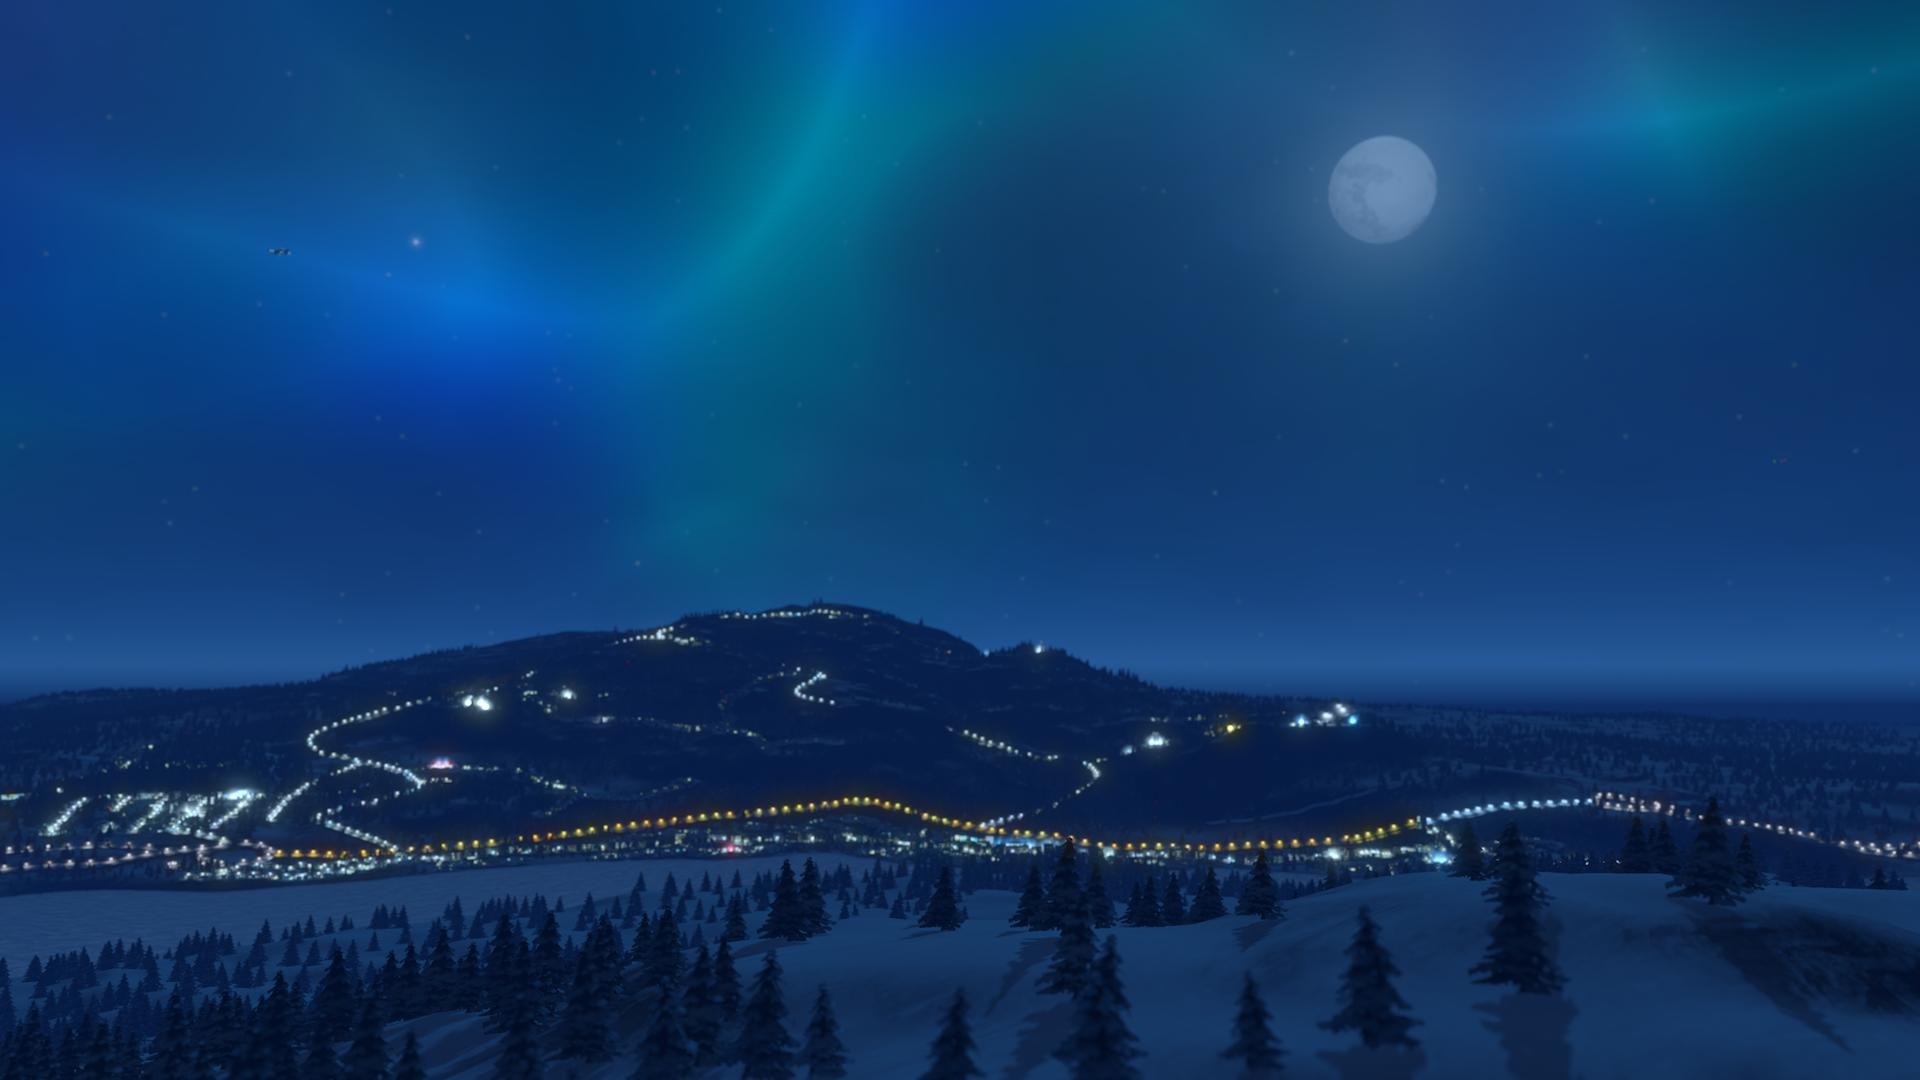 Cities: Skylines - Snowfall   ROW (9b405cb5-405d-42ad-ab8b-d21c097d43d6)